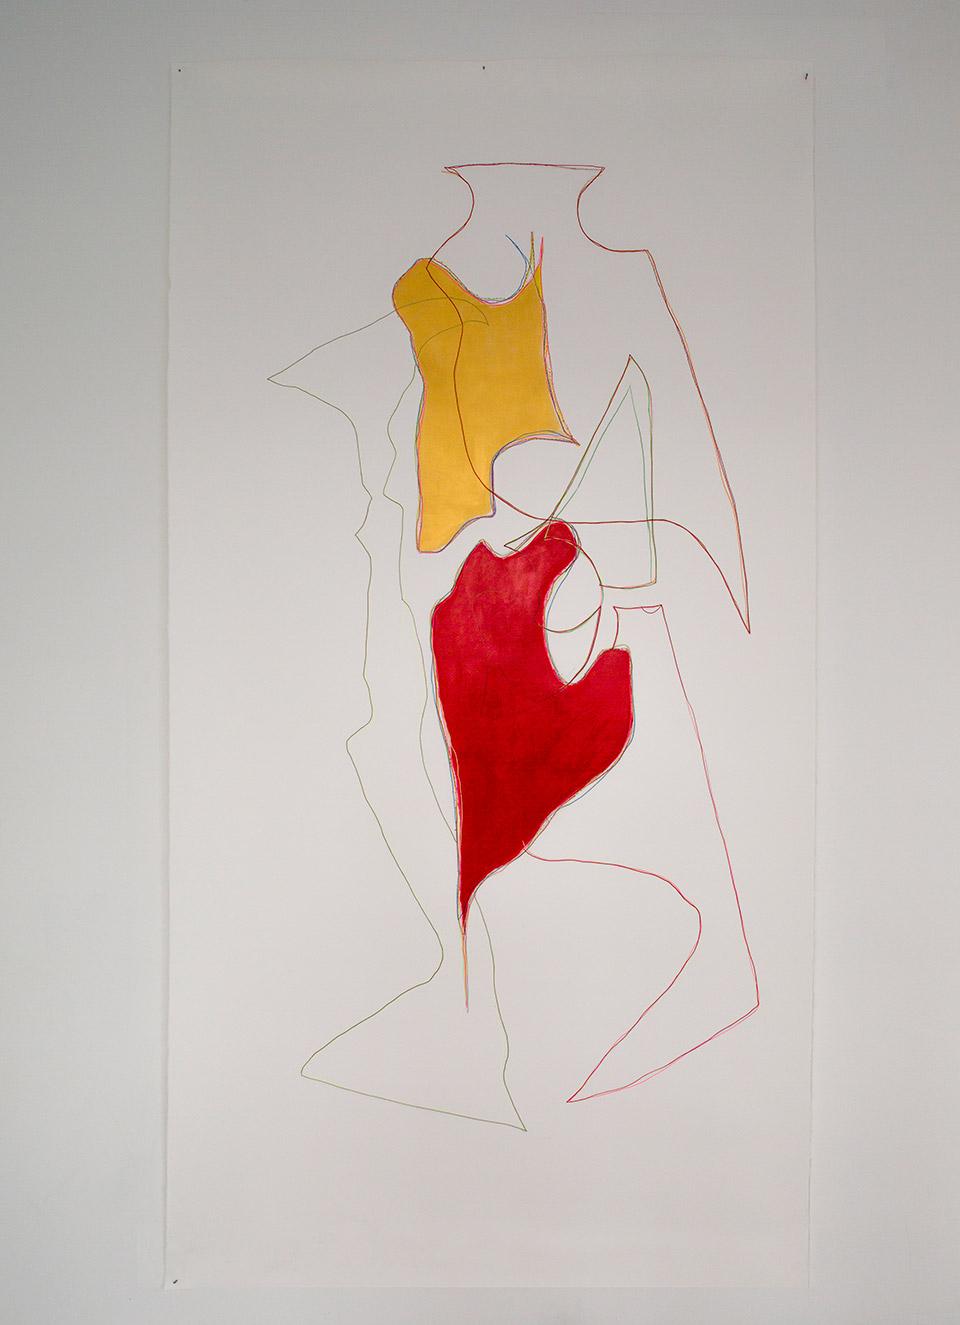 Formes #6 - 2011 - Ninar Esber